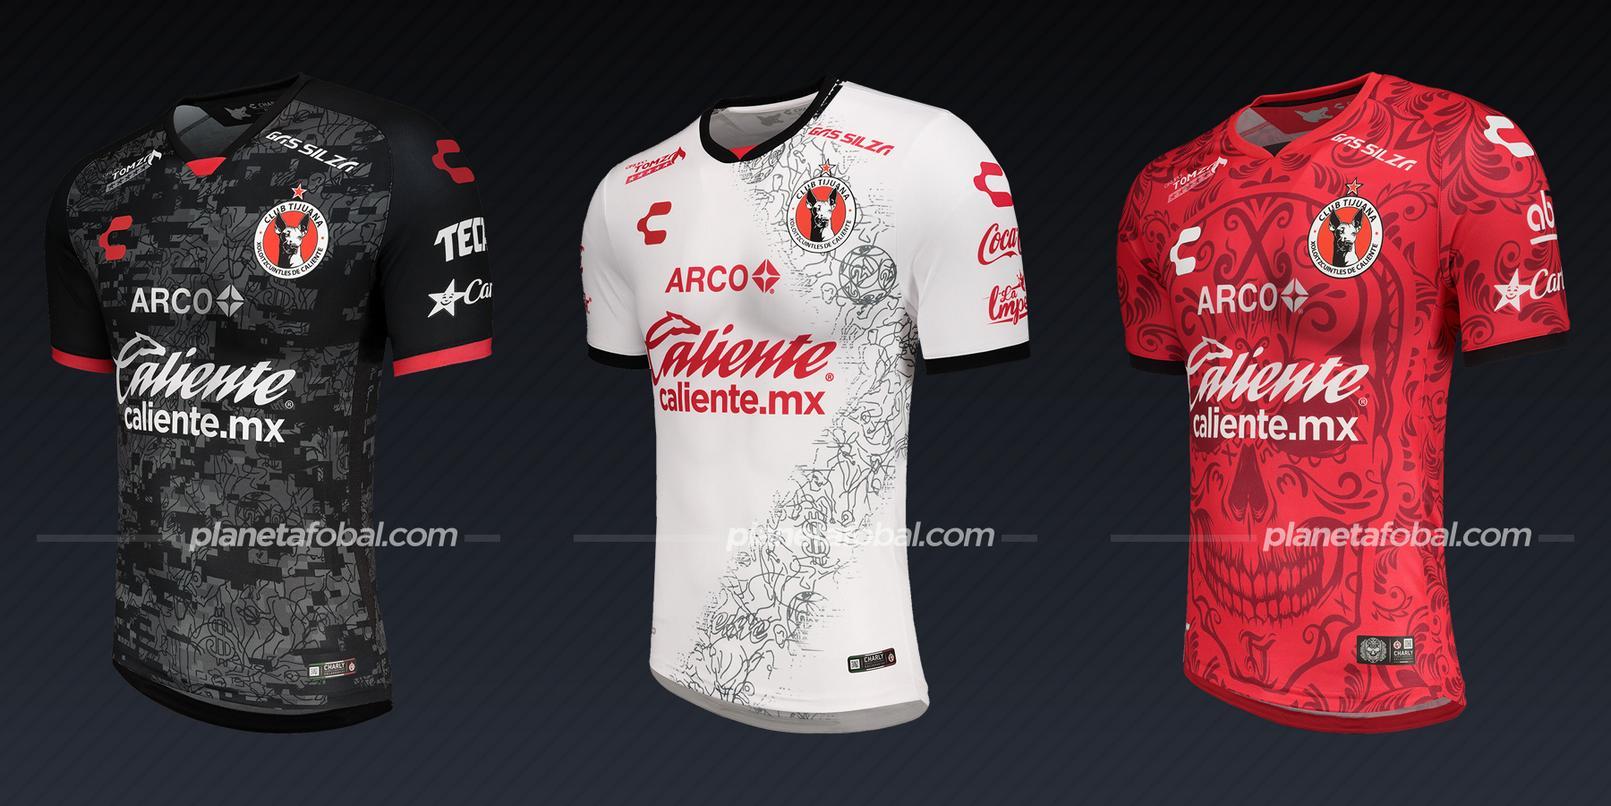 Xolos de Tijuana (Charly) | Camisetas de la Liga MX 2020/2021